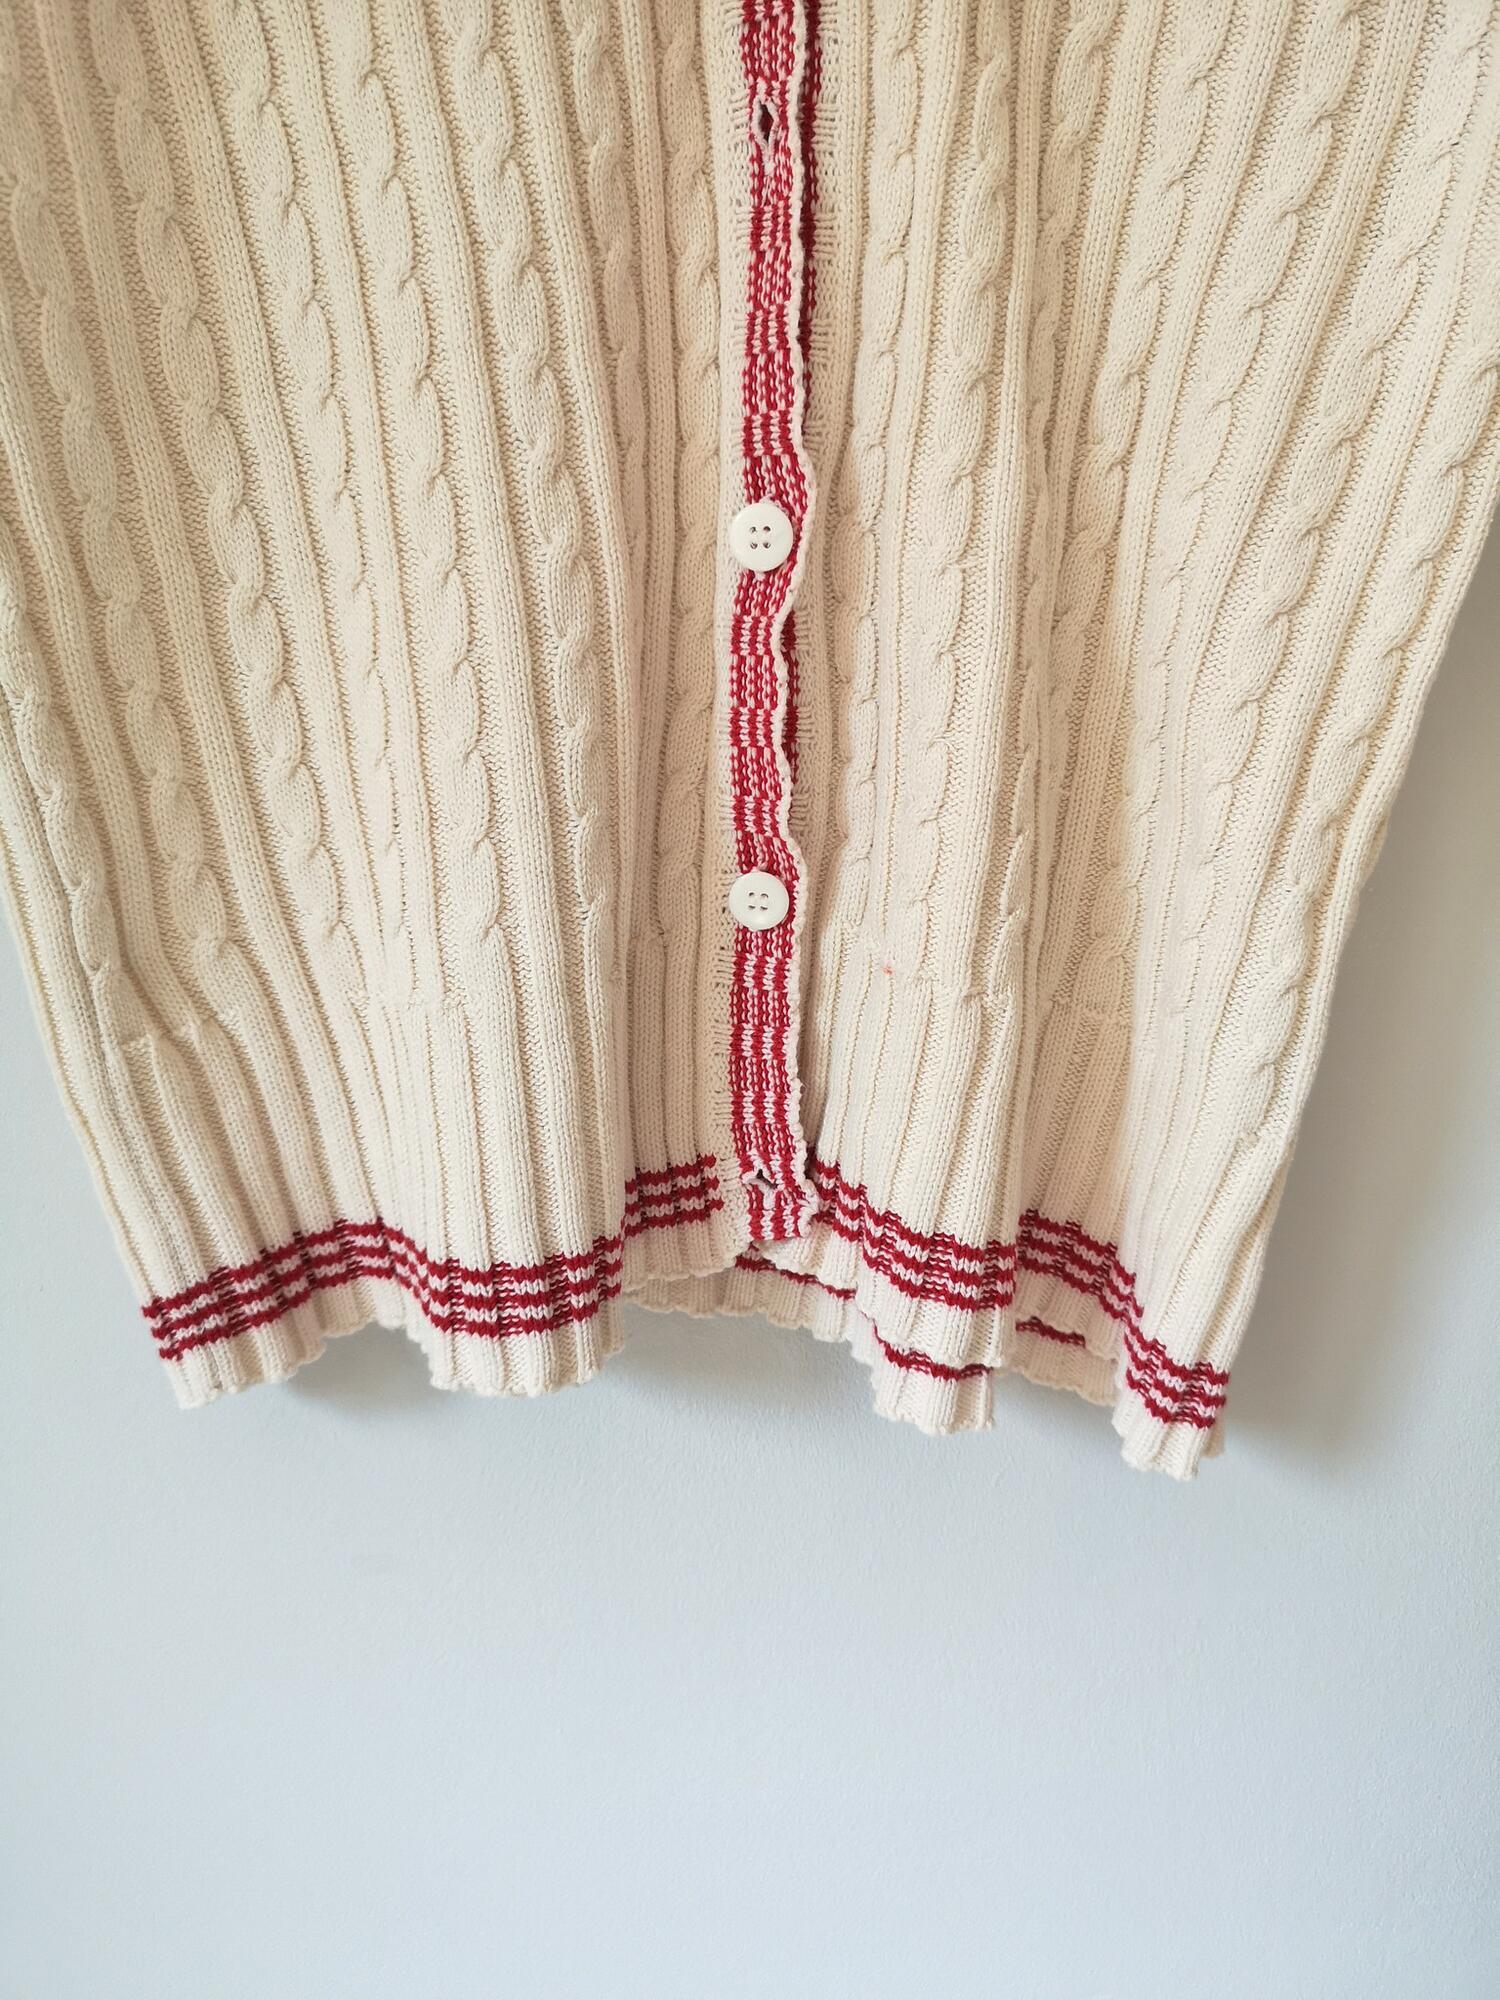 Vintage kardigan z czerwoną lamówką - PONOŚ SE vintage shop | JestemSlow.pl